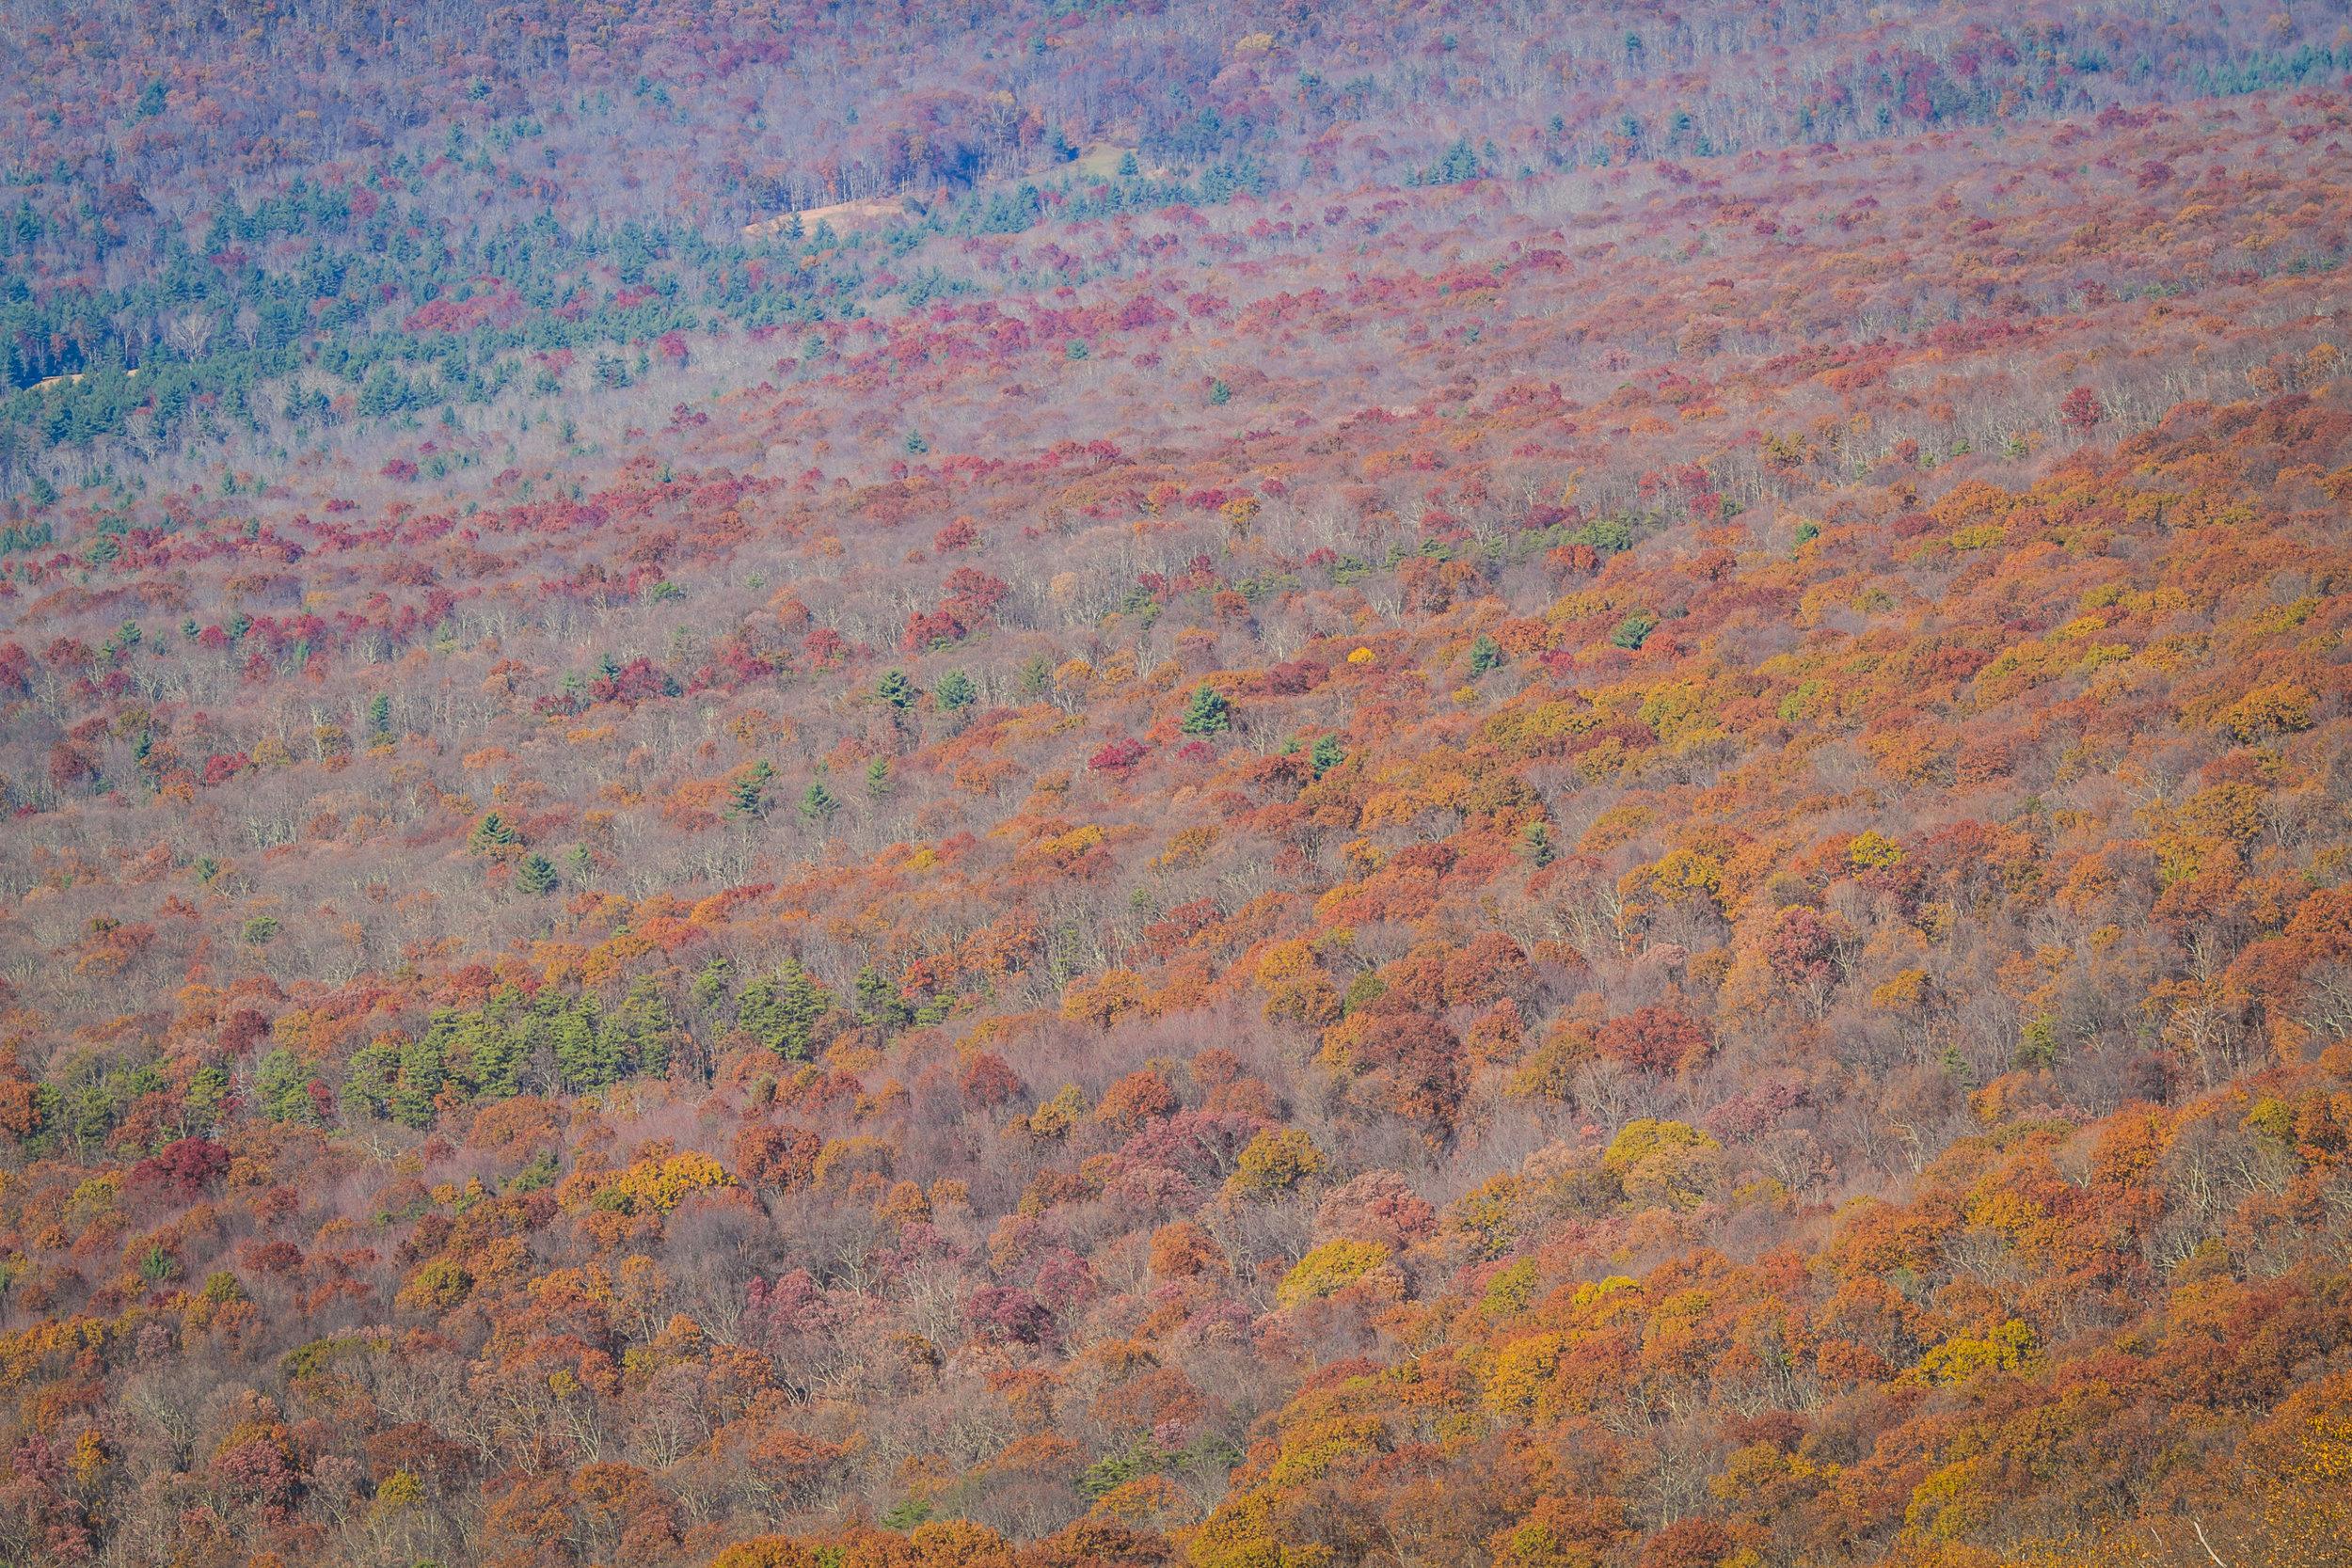 Forests around Big Schloss peak, George Washington National Forest